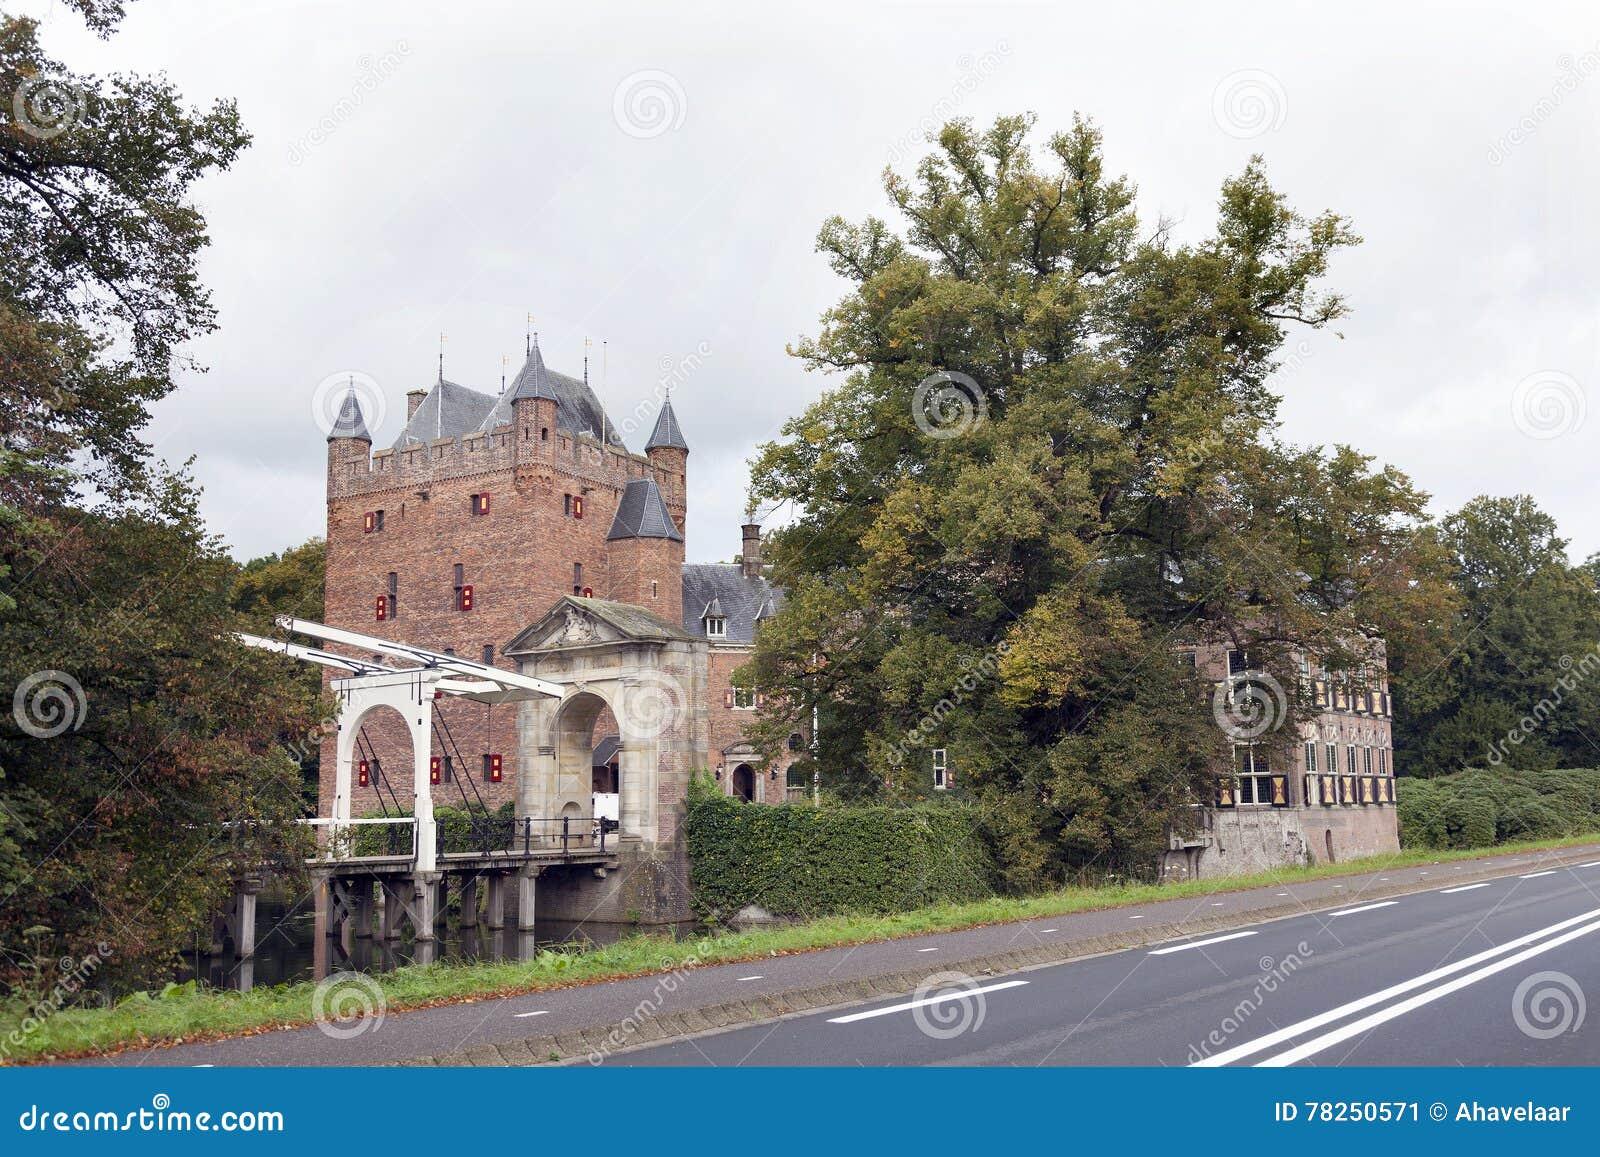 Επιχειρησιακό πανεπιστήμιο nyebrode στο ολλανδικό χωριό Breukelen